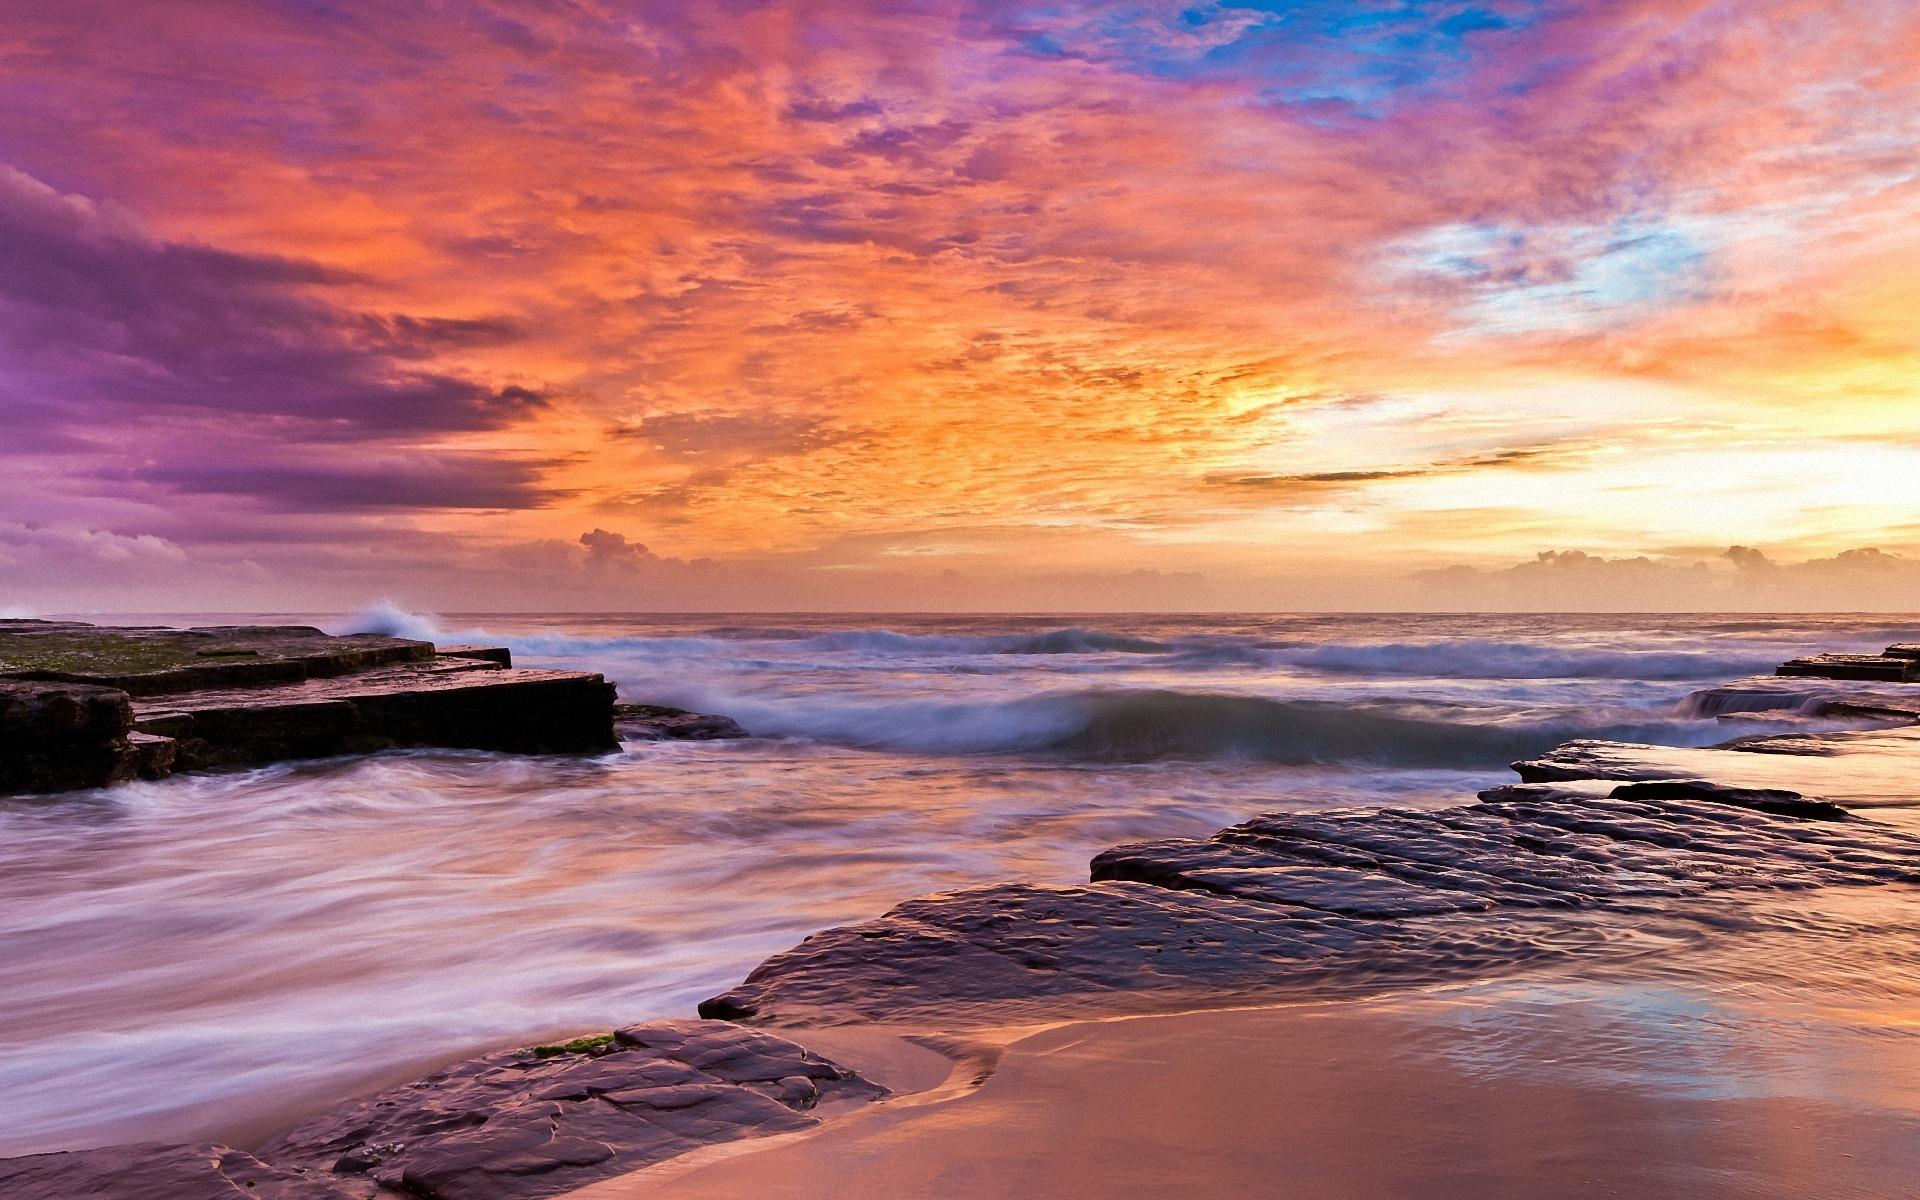 море, волны, закат загрузить